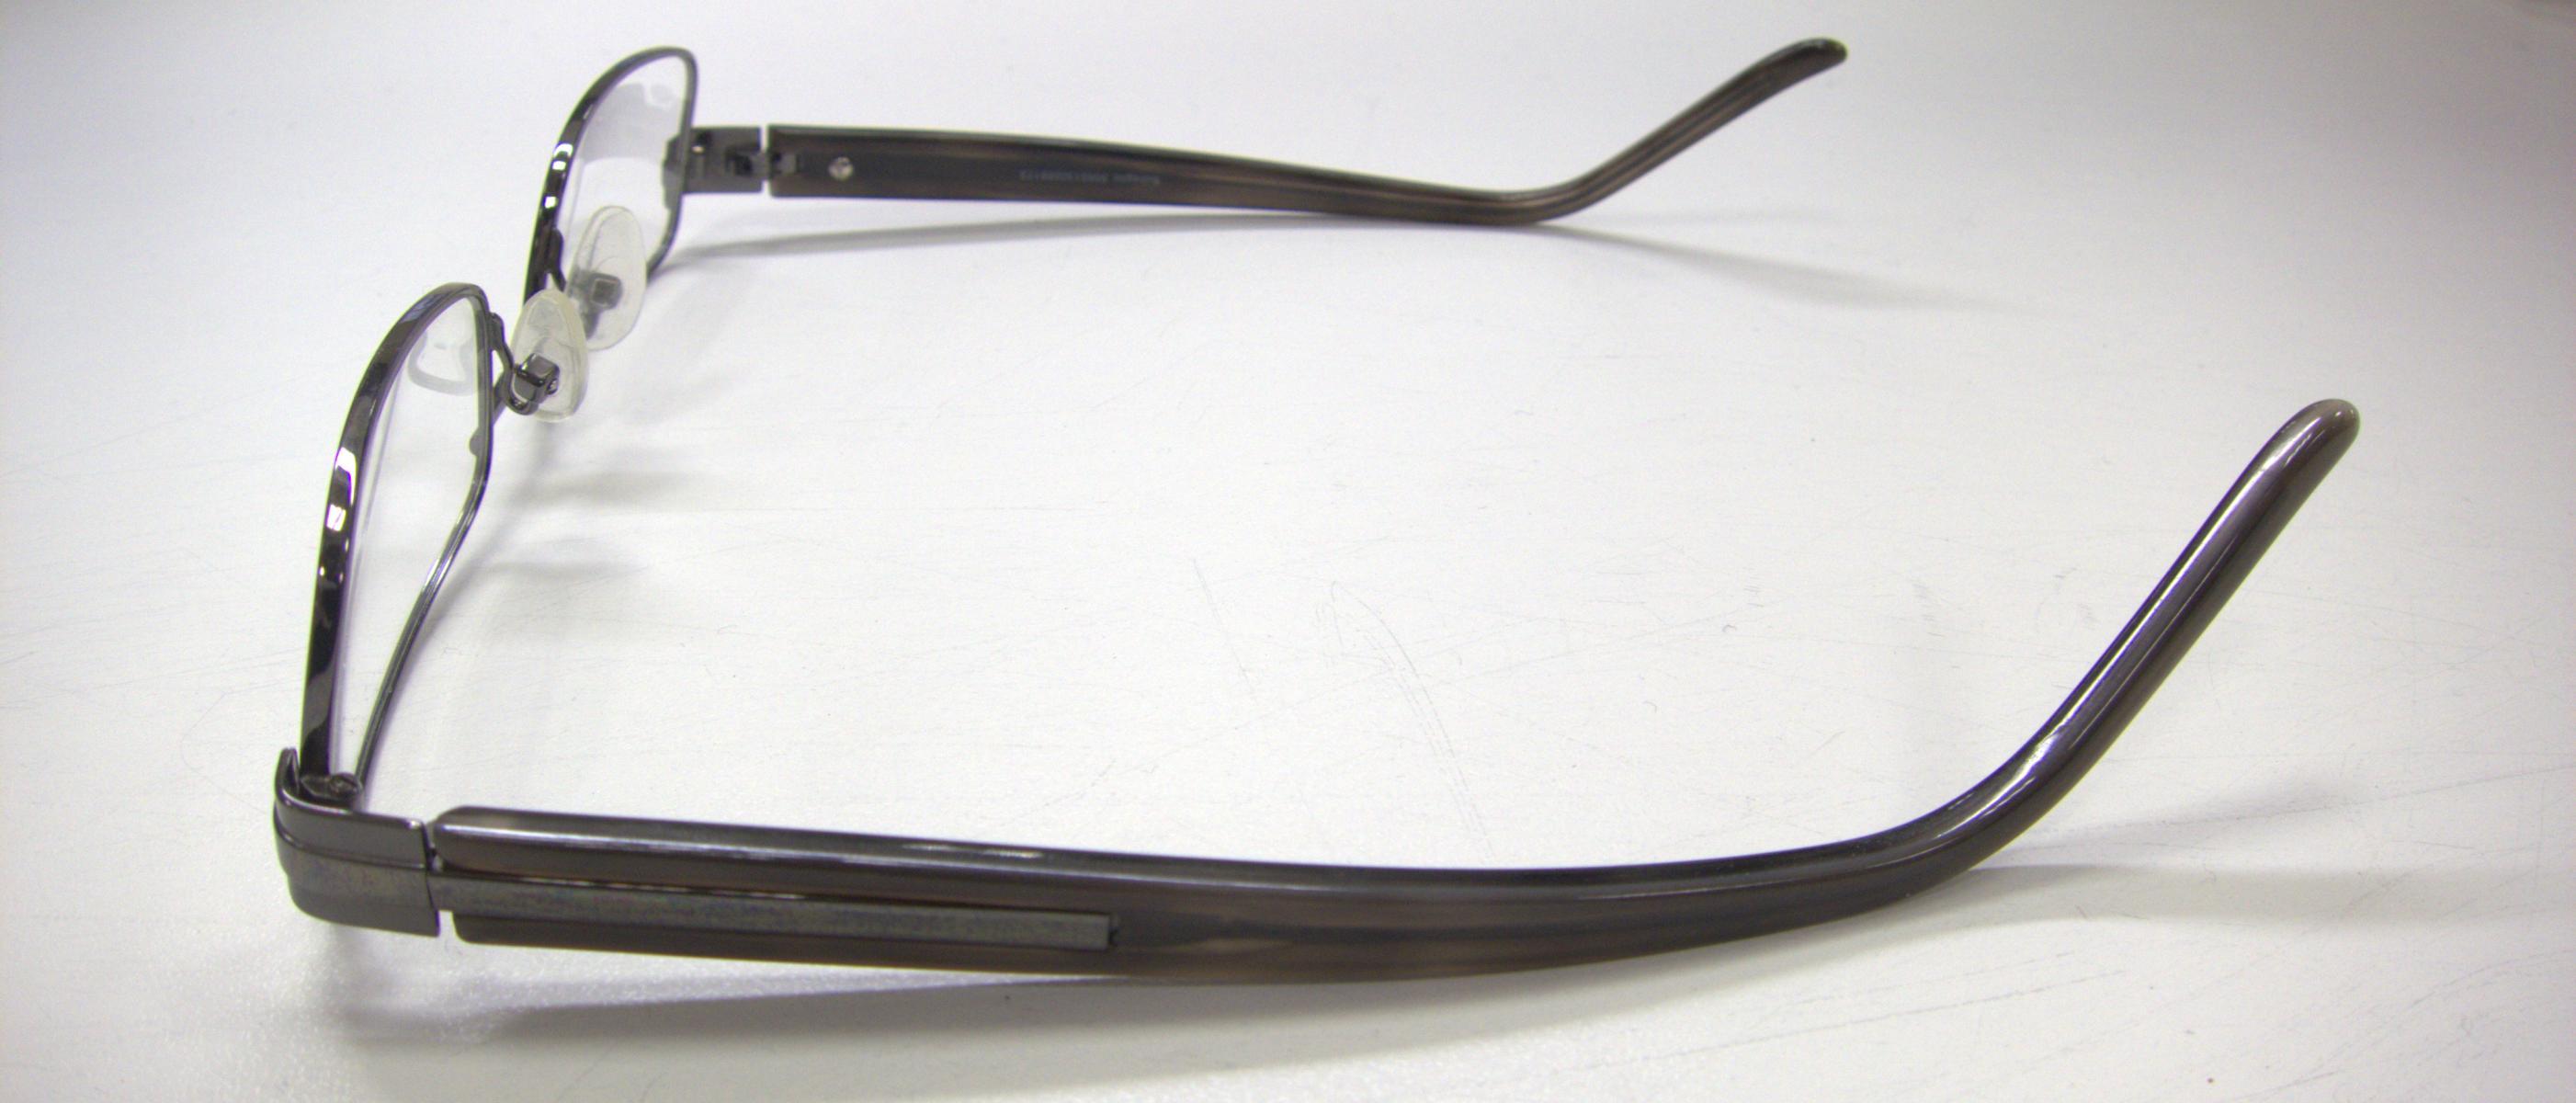 4bb1b5a5cb Ισιωμα σκελετού γυαλιών - Άρθρα   ενημέρωση